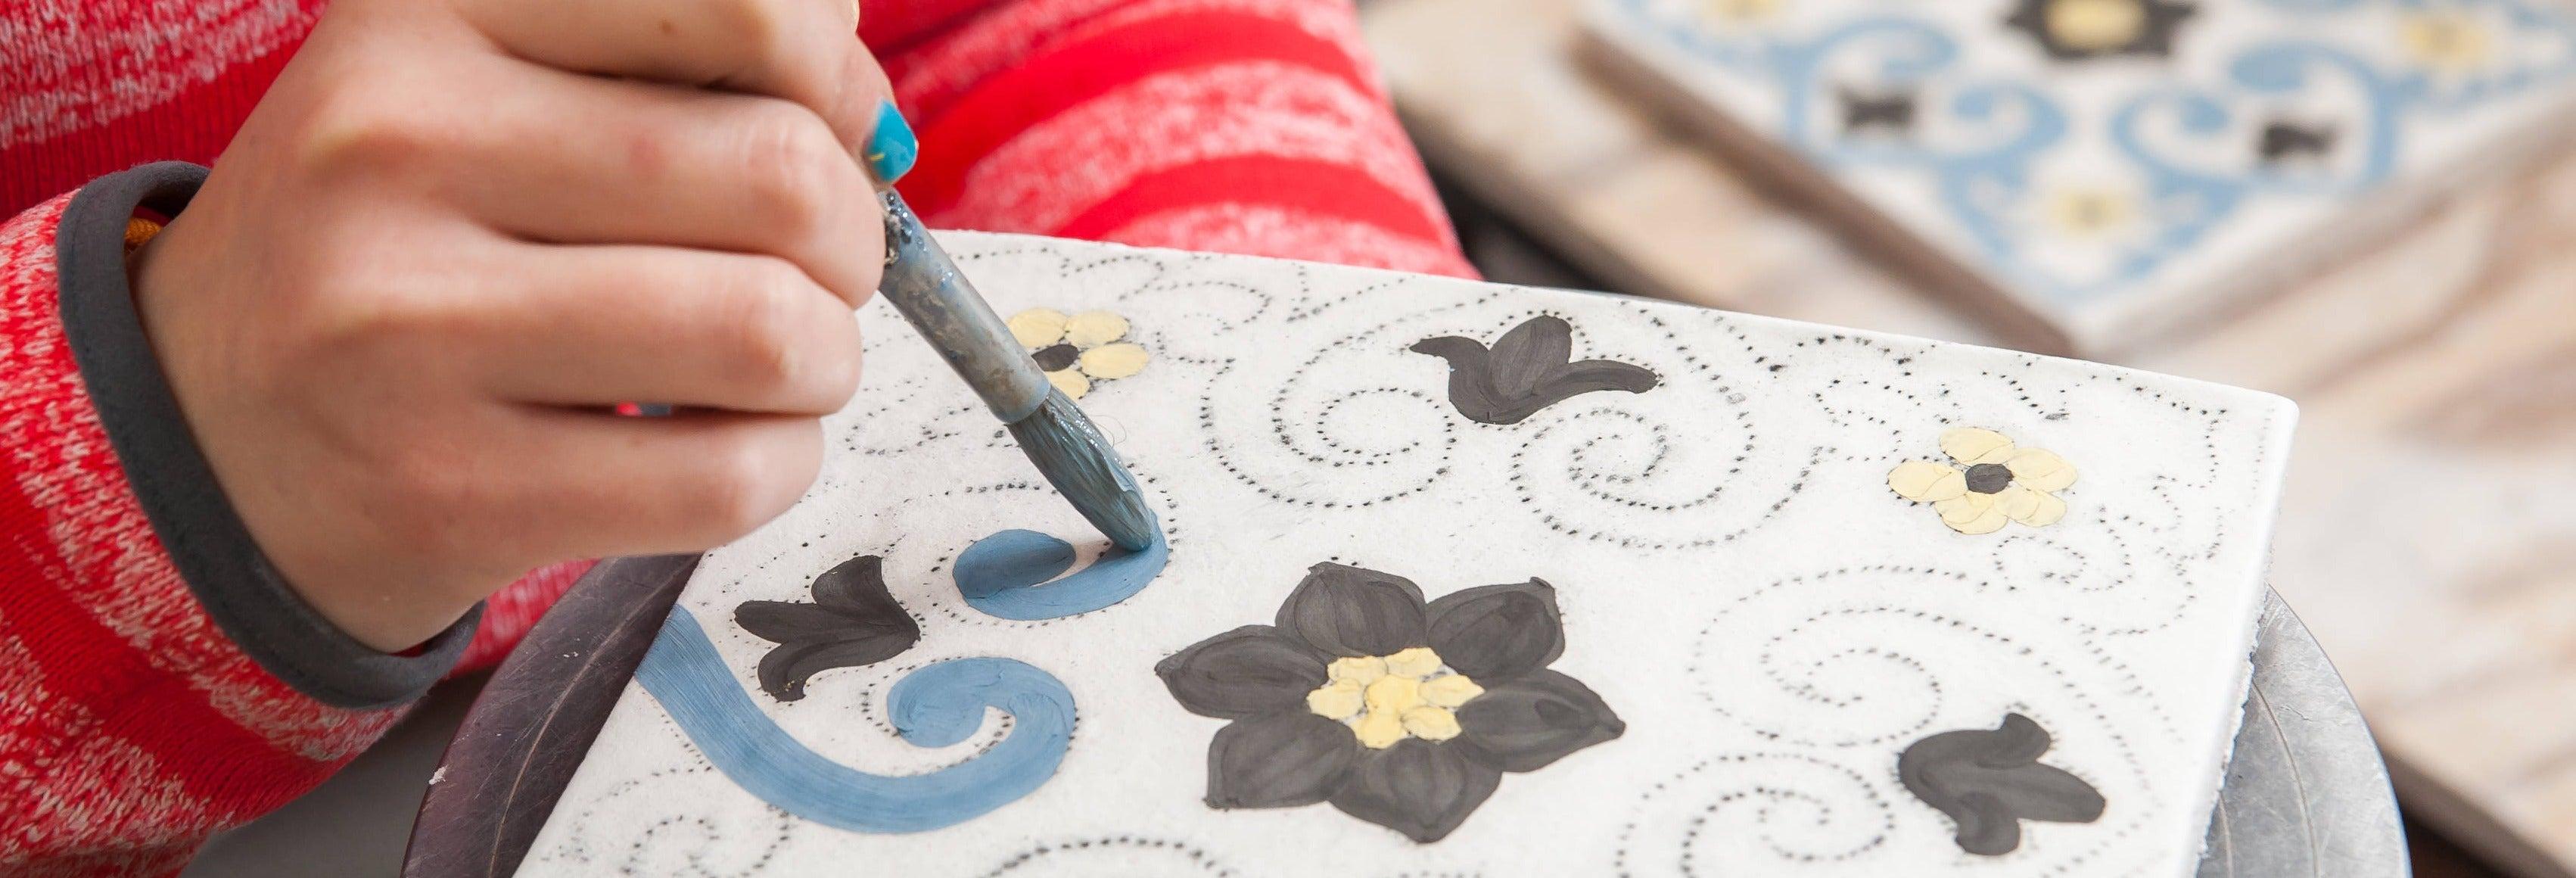 Tile Decorating Workshop